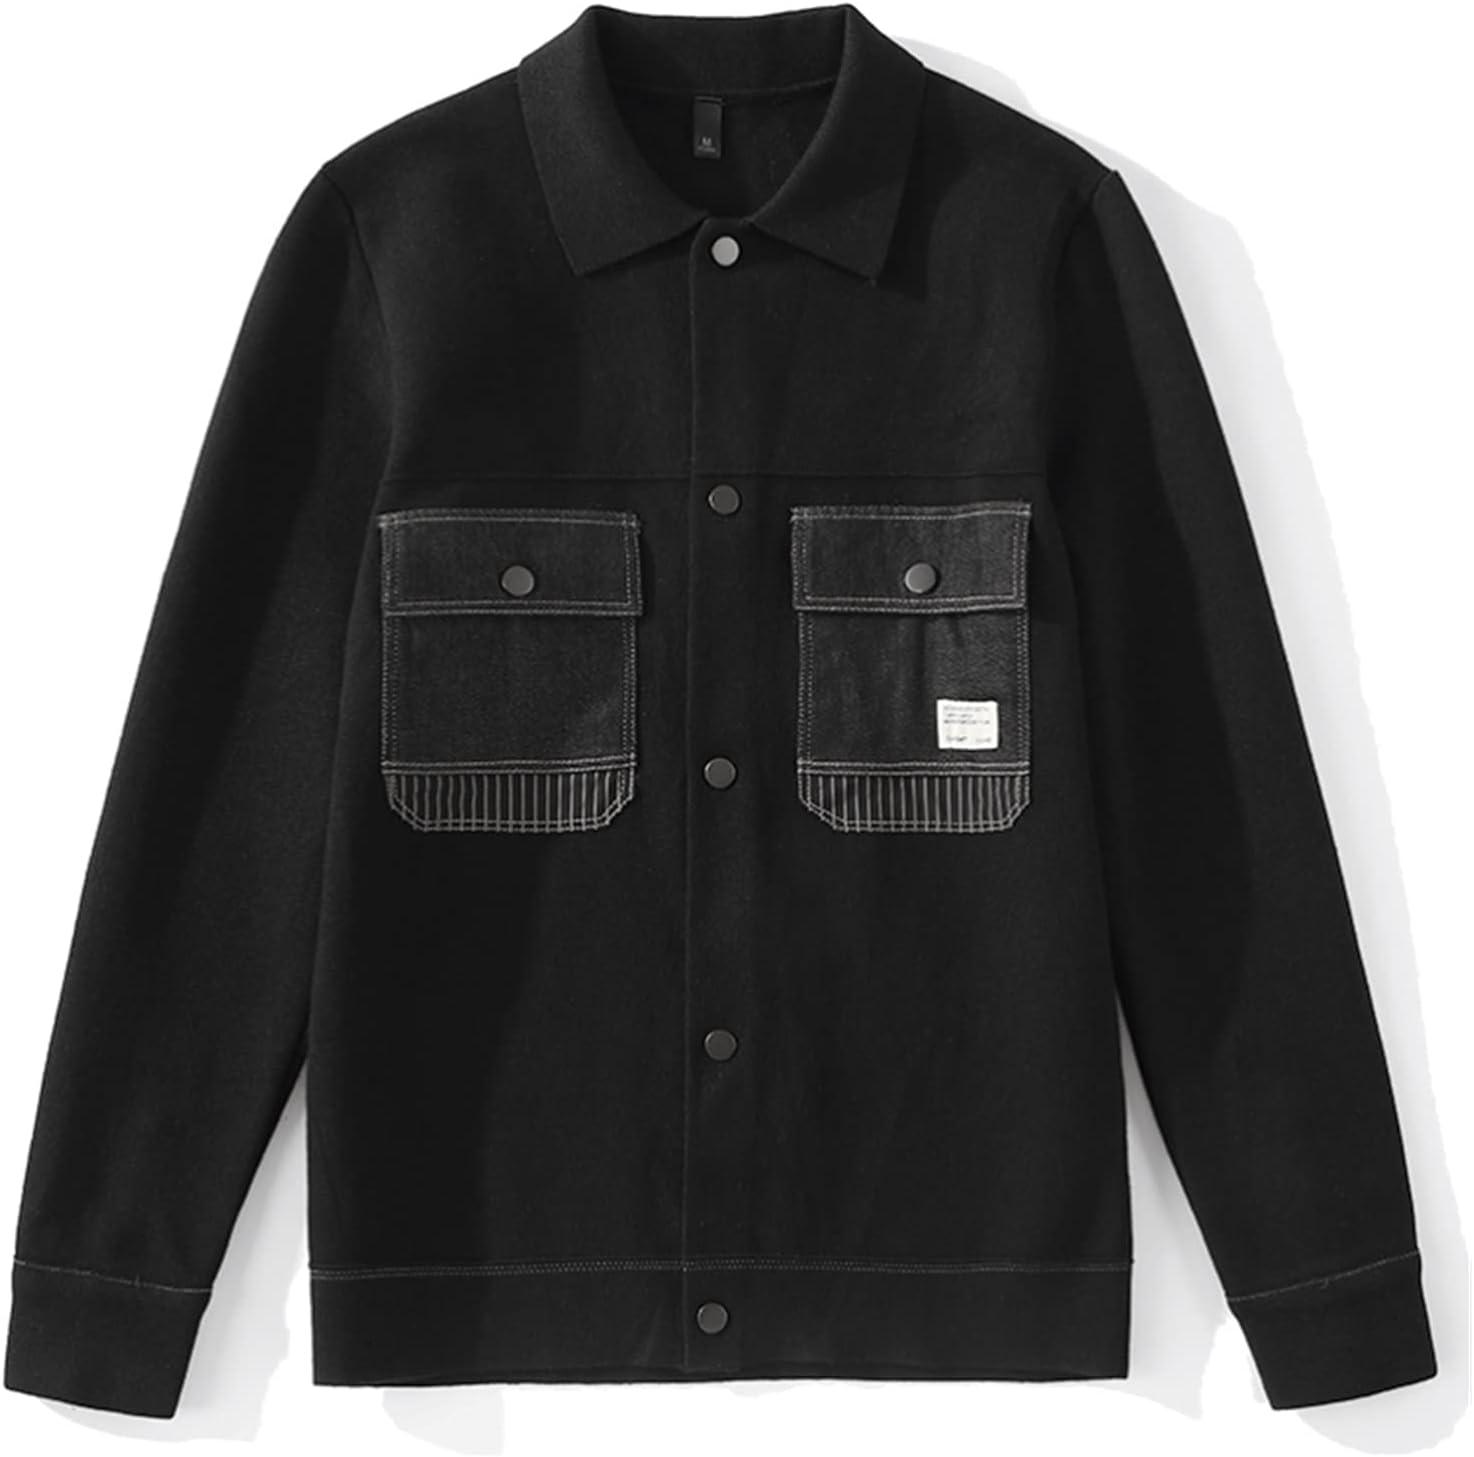 TJLSS Patchwork Lapel Sweater Zipper Pocket Decoration Men's Retro Slim Knit Cardigan (Color : Black, Size : XXXXL Code)